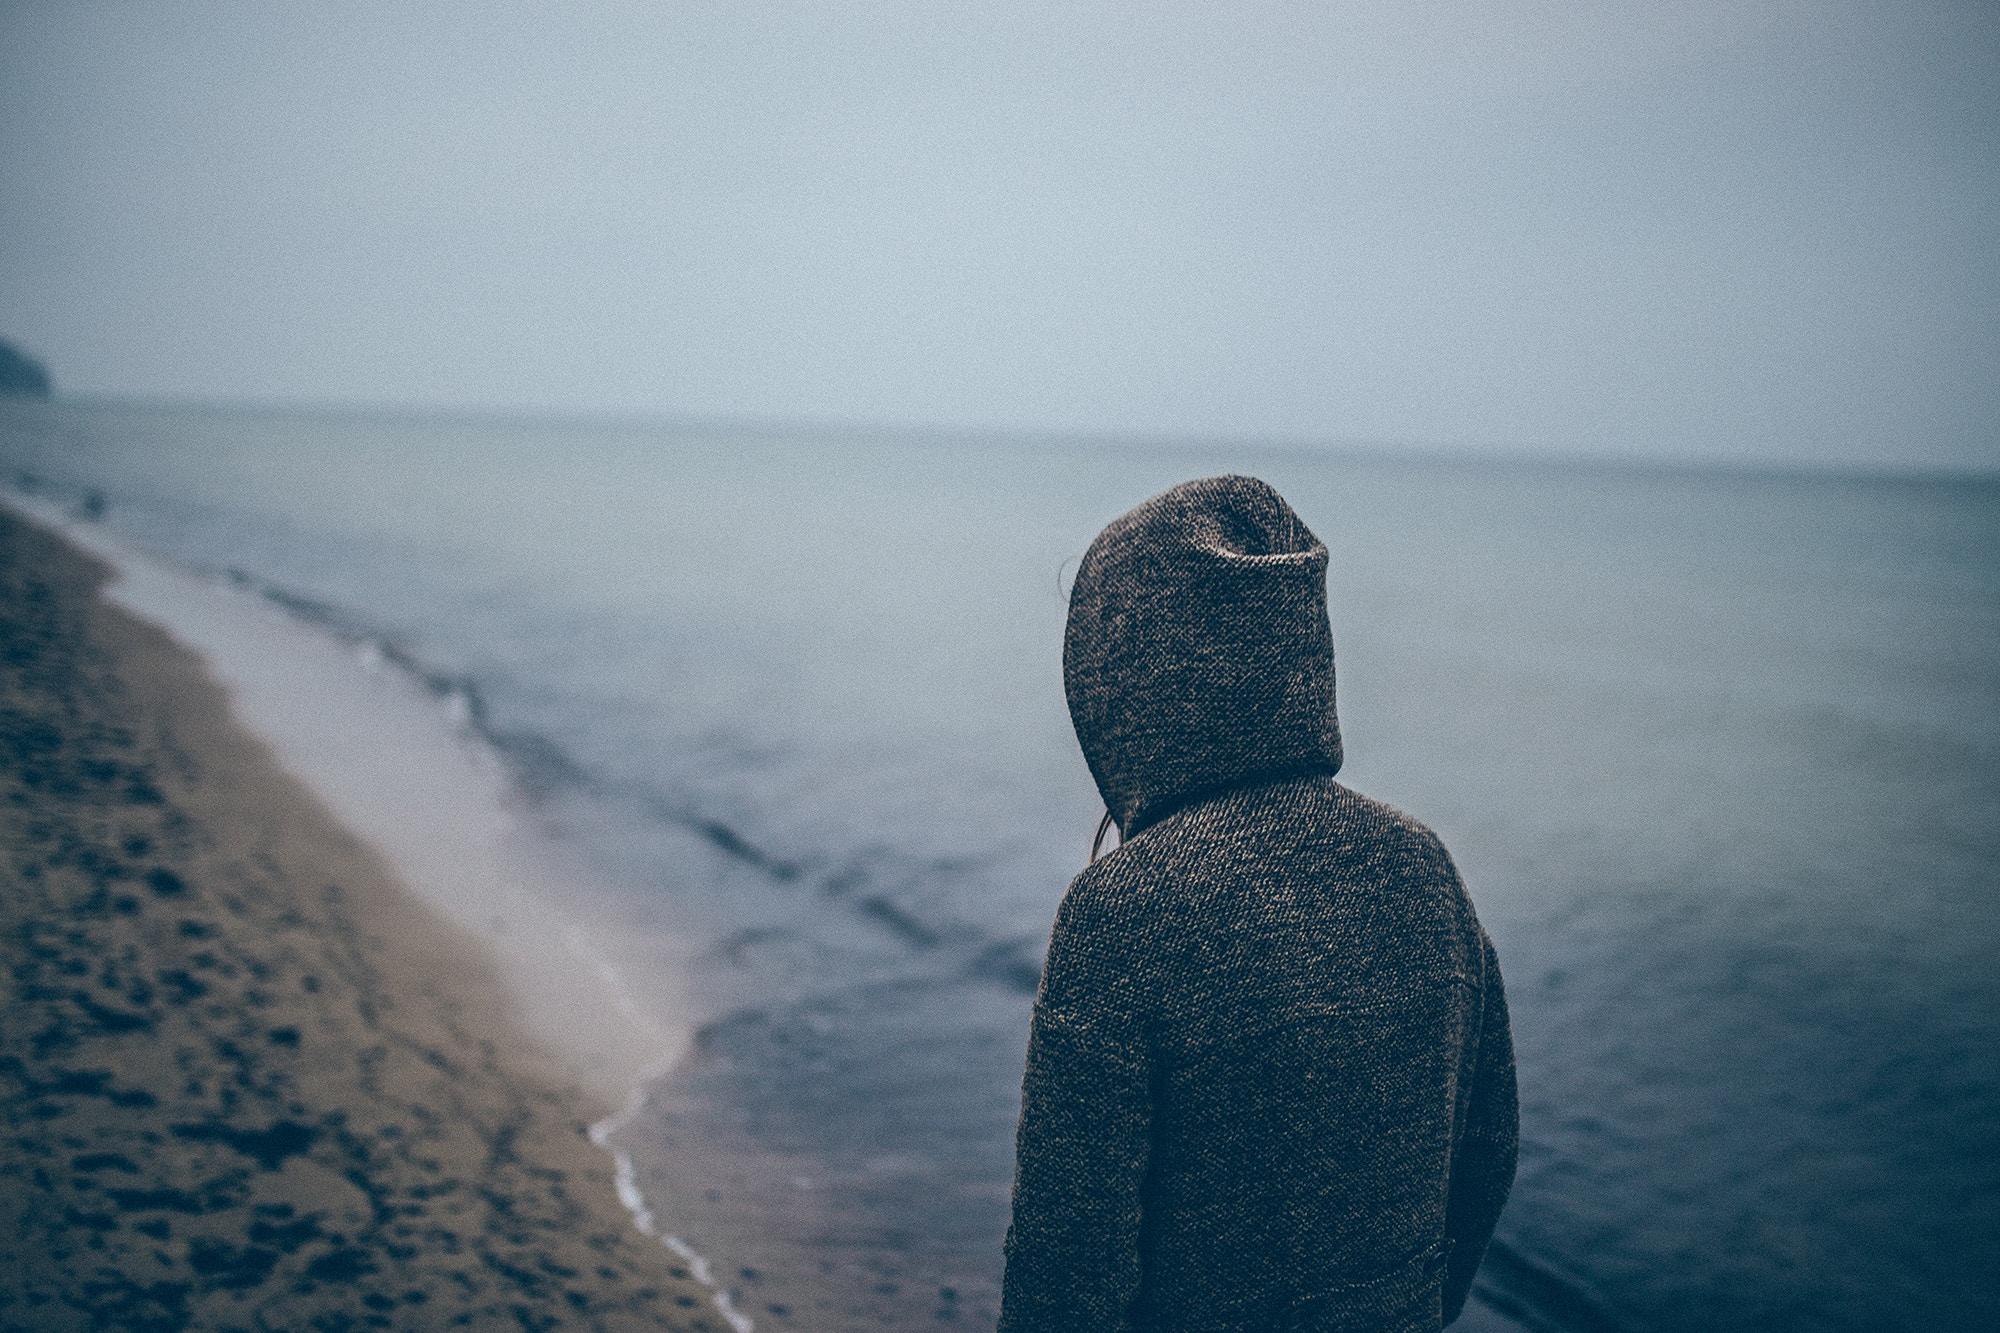 homem sozinho olhando para o mar do alto de uma montanha